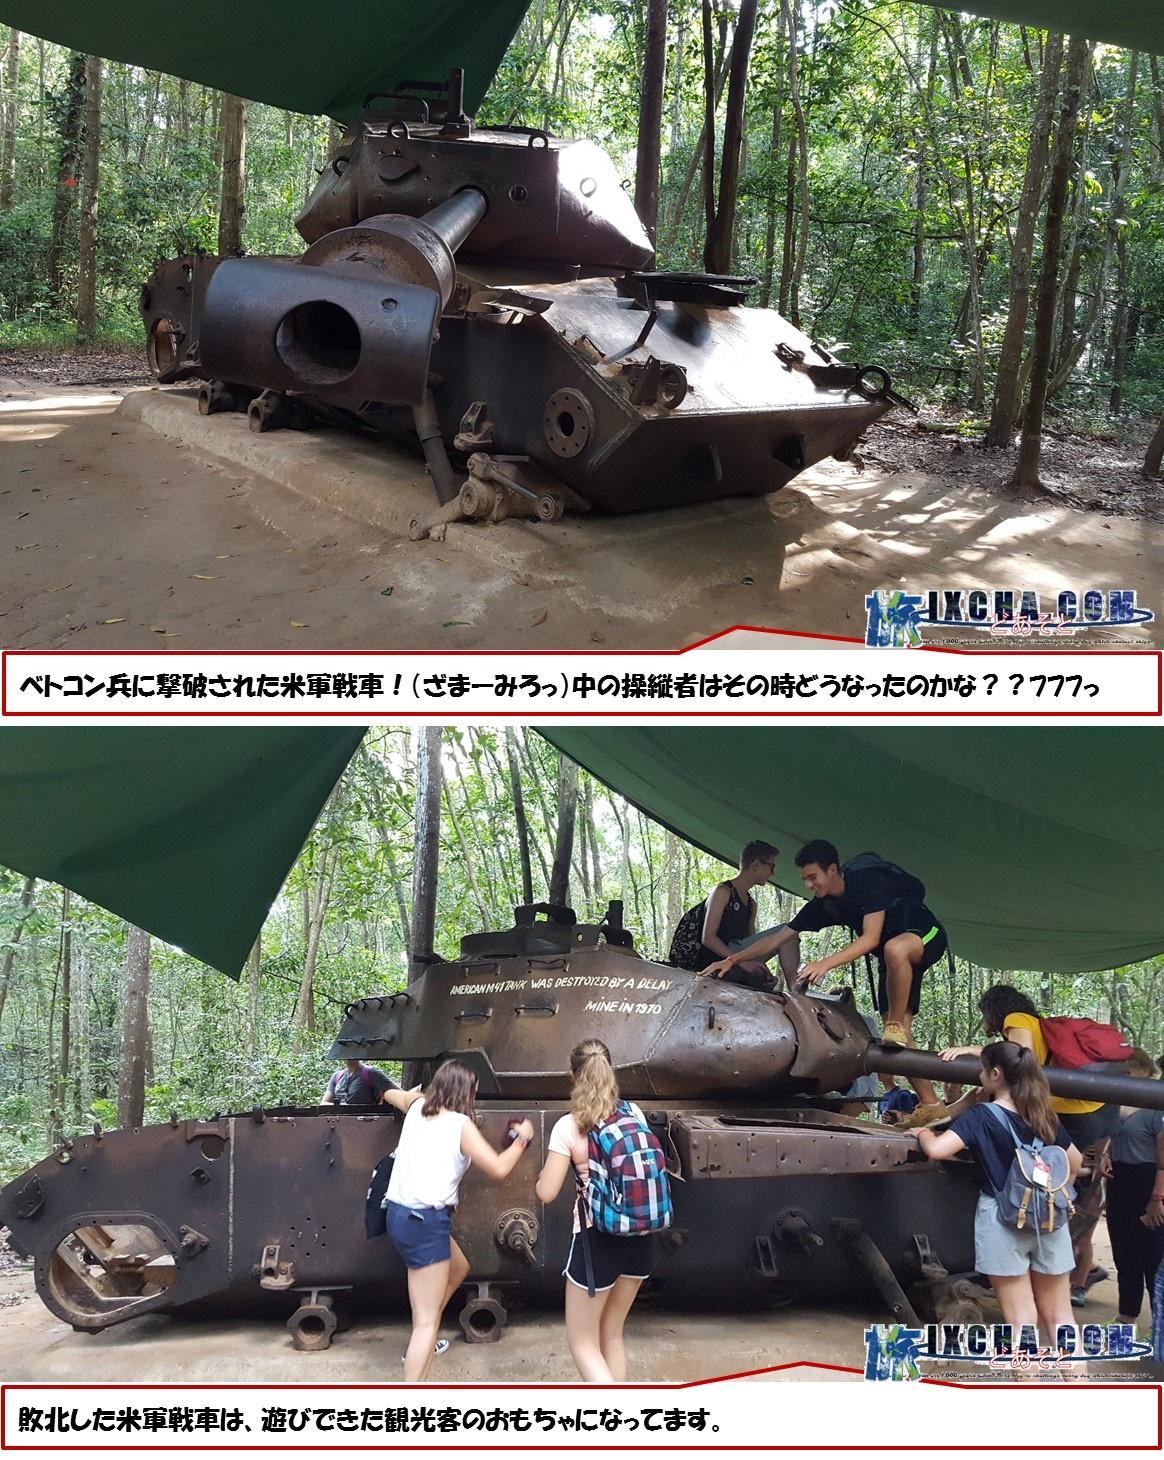 ベトコン兵に撃破された米軍戦車!(ざまーみろっ)中の操縦者はその時どうなったのかな??フフフっ 敗北した米軍戦車は、遊びできた観光客のおもちゃになってます。